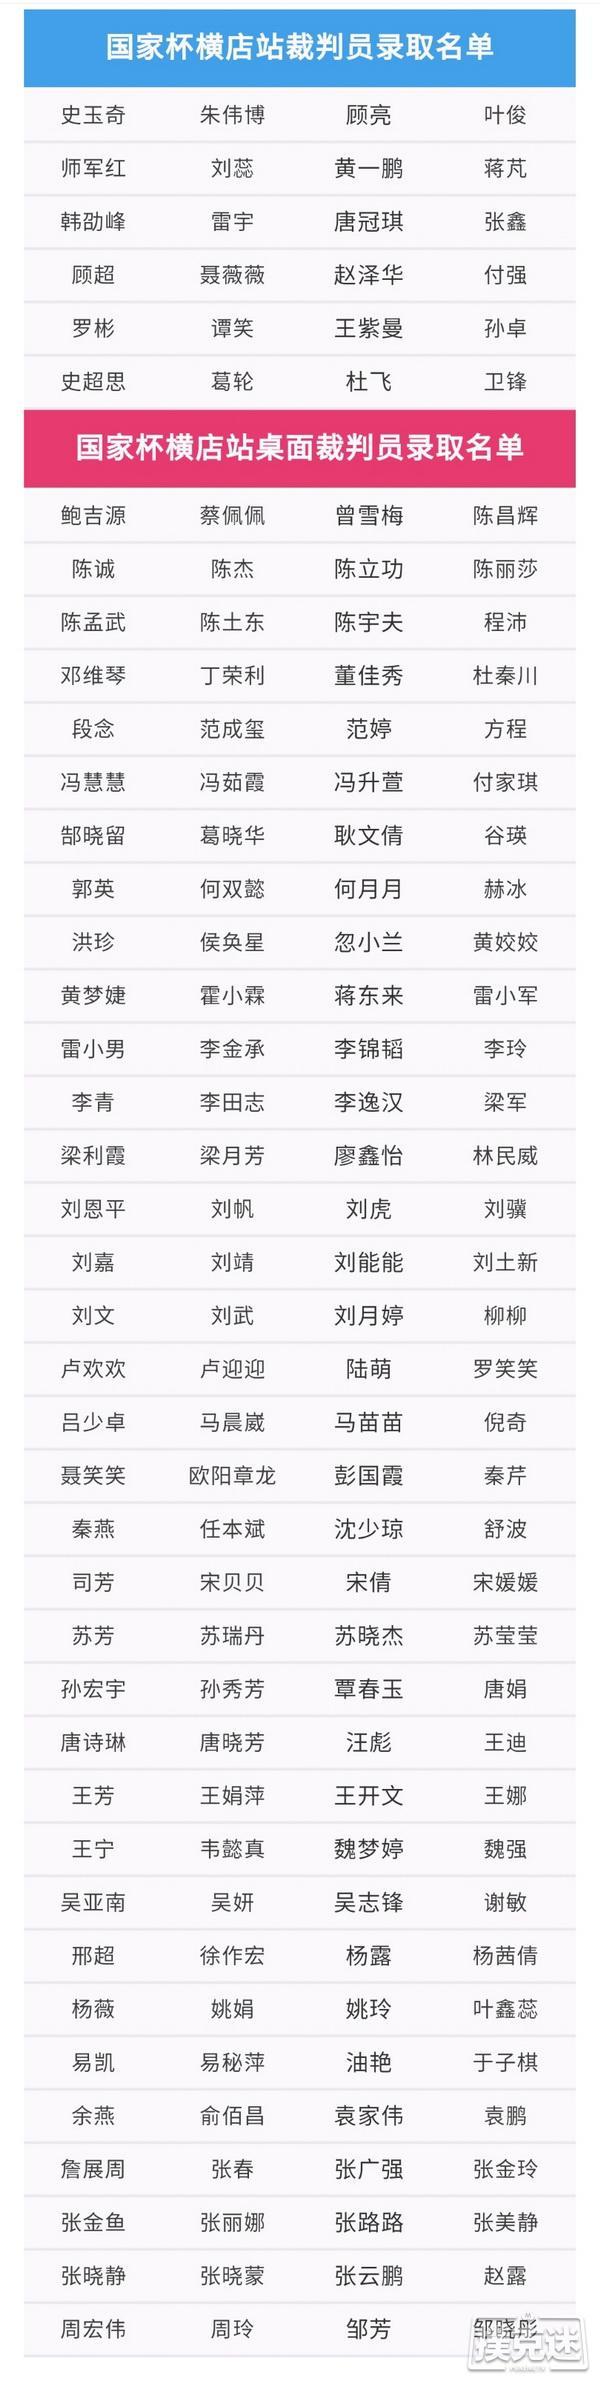 【蜗牛棋牌】2020NCBP国家杯棋牌职业大师赛横店站裁判员录取结果